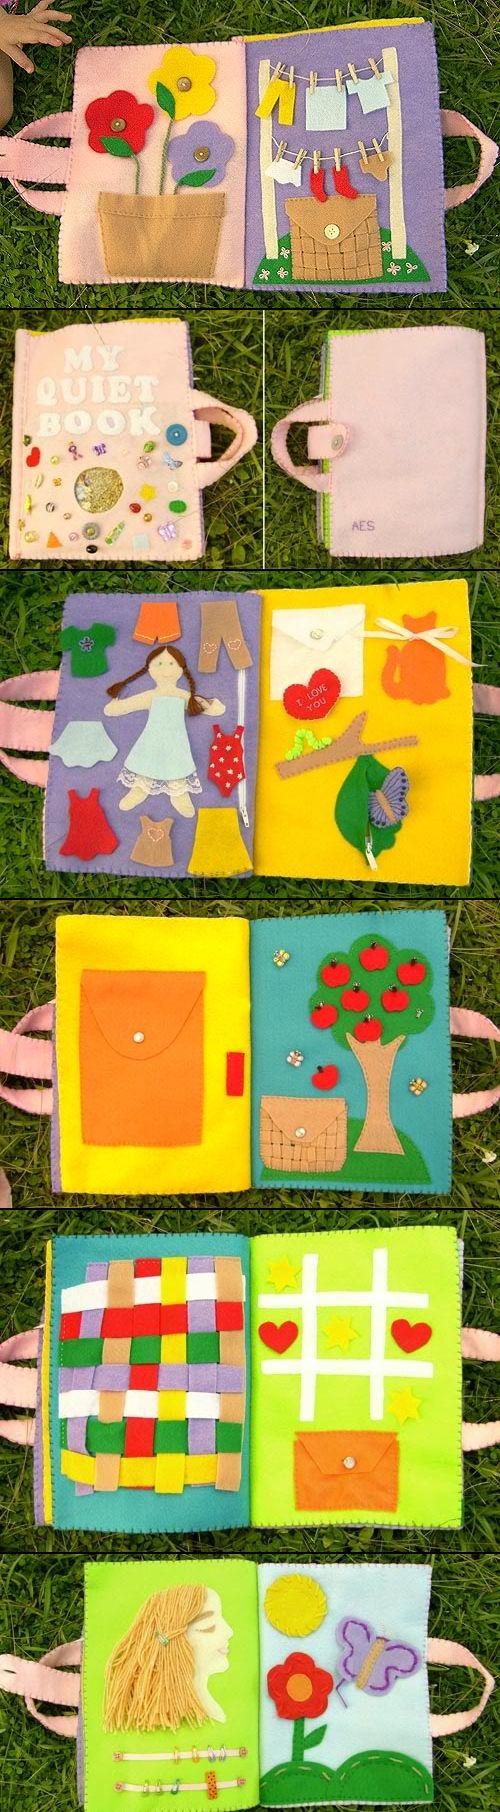 Quietbook Idee für größere Kids